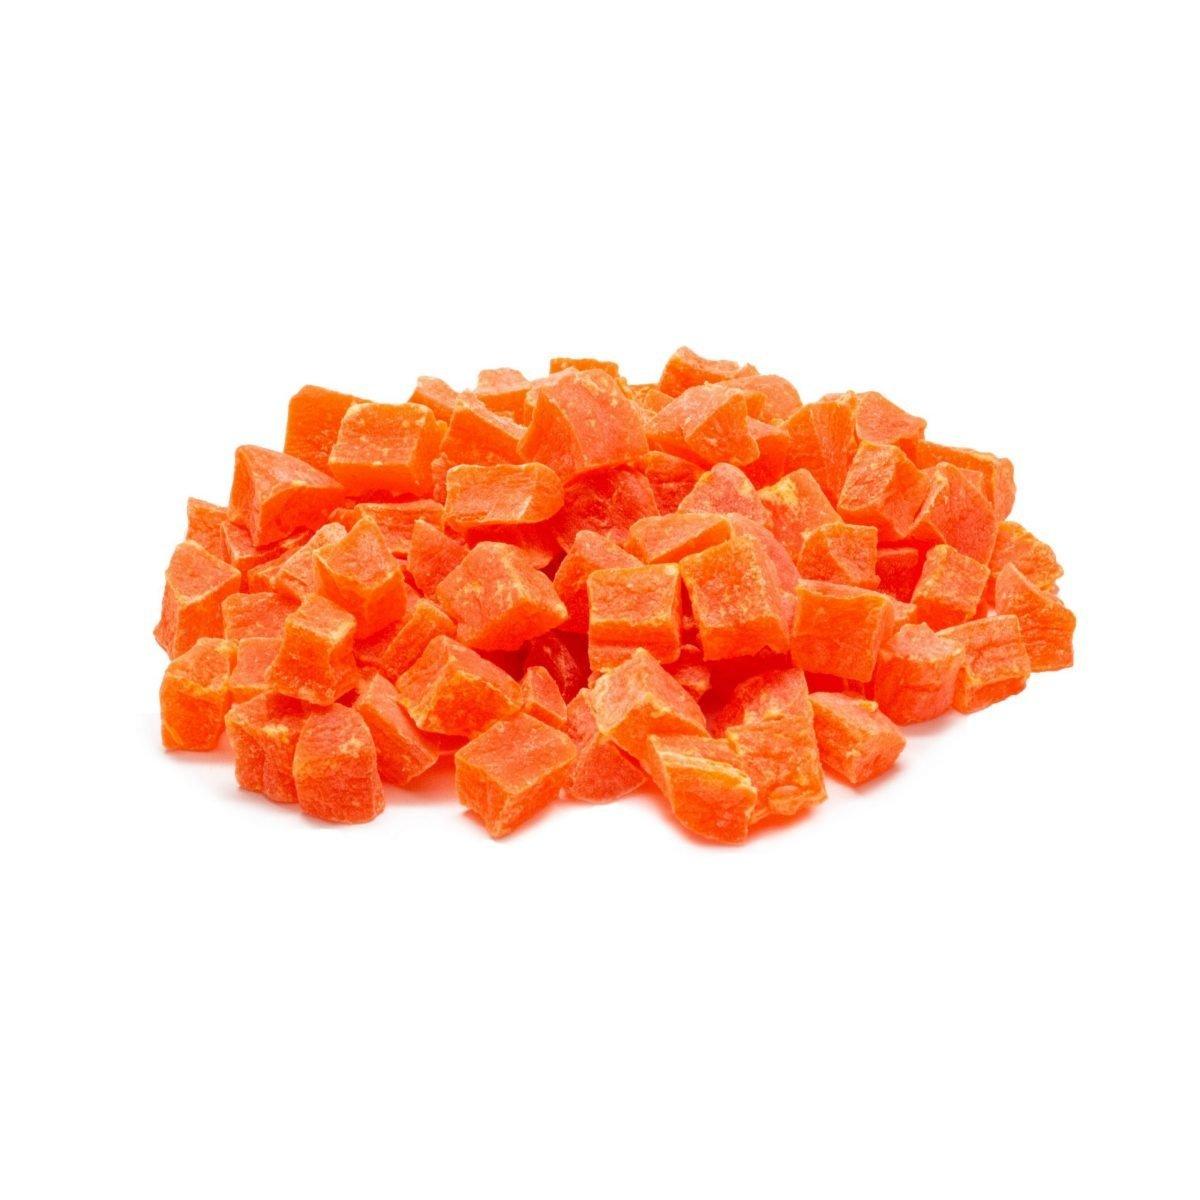 Papaya Chunks Sweetened With So2 Scaled